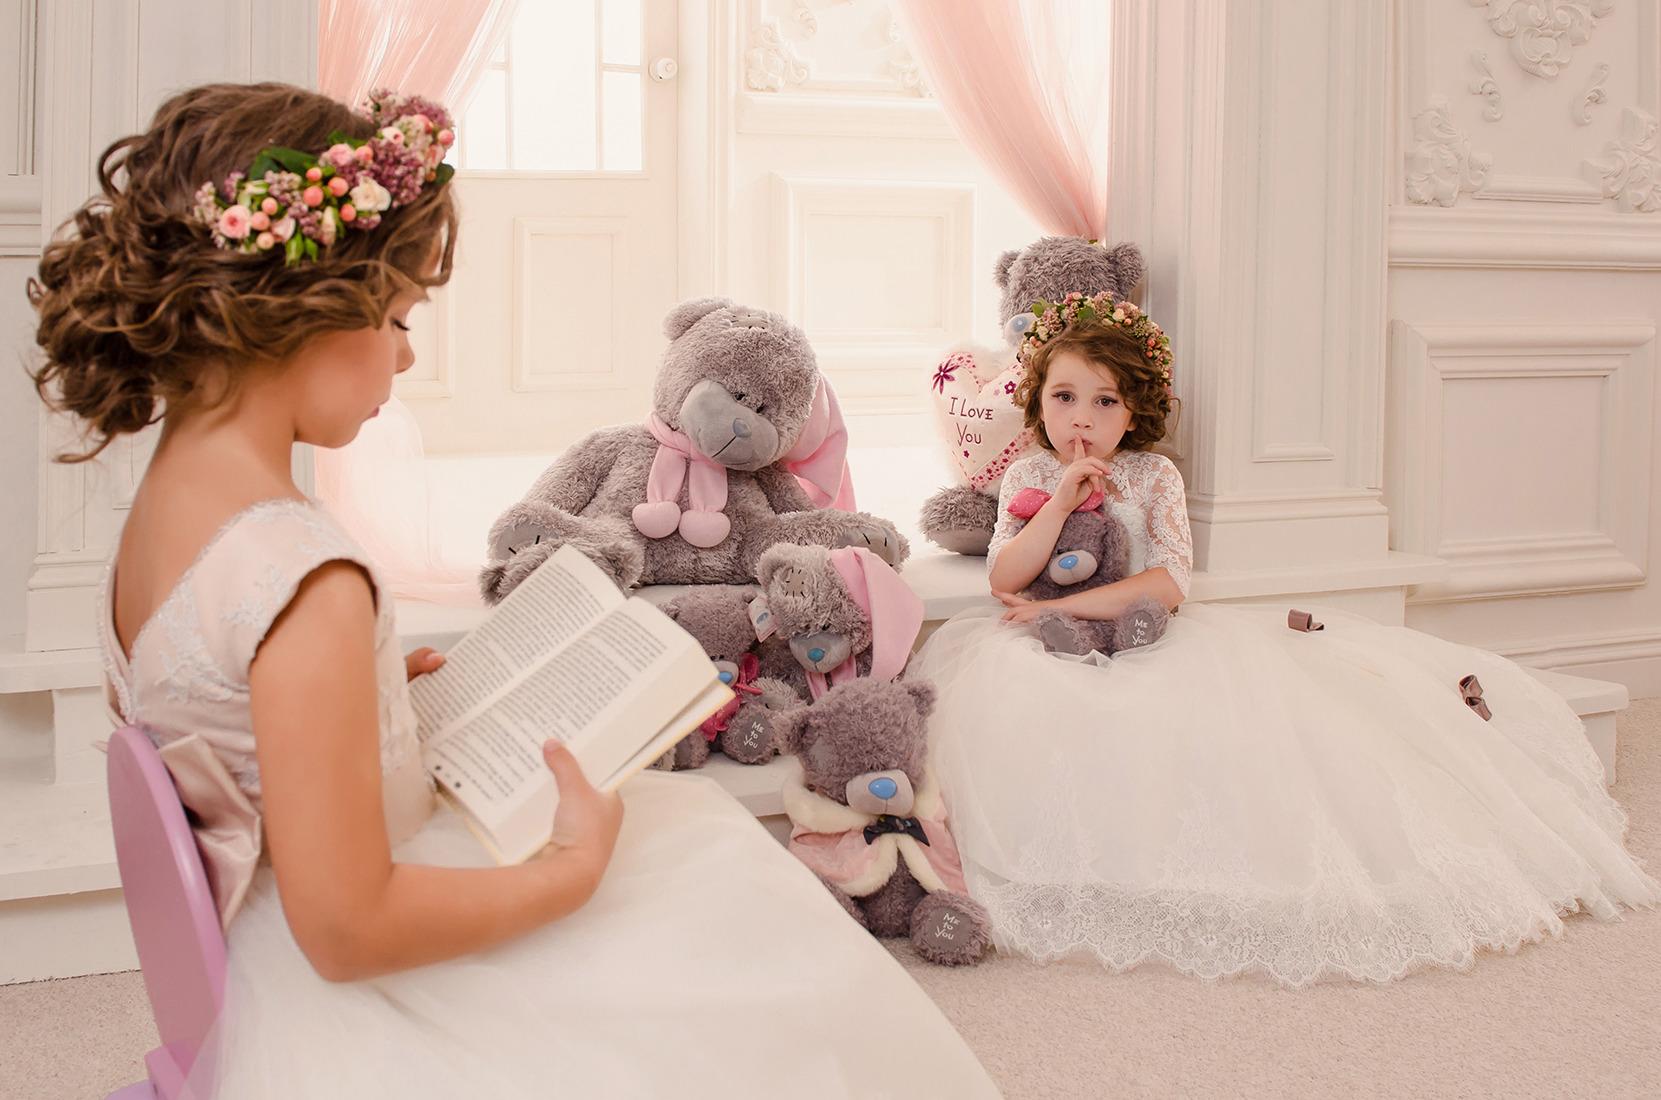 Сбор заказов. Сказочно-красивые платья для наших принцесс на День Рождения, утренник, выпускной, свадьбу.